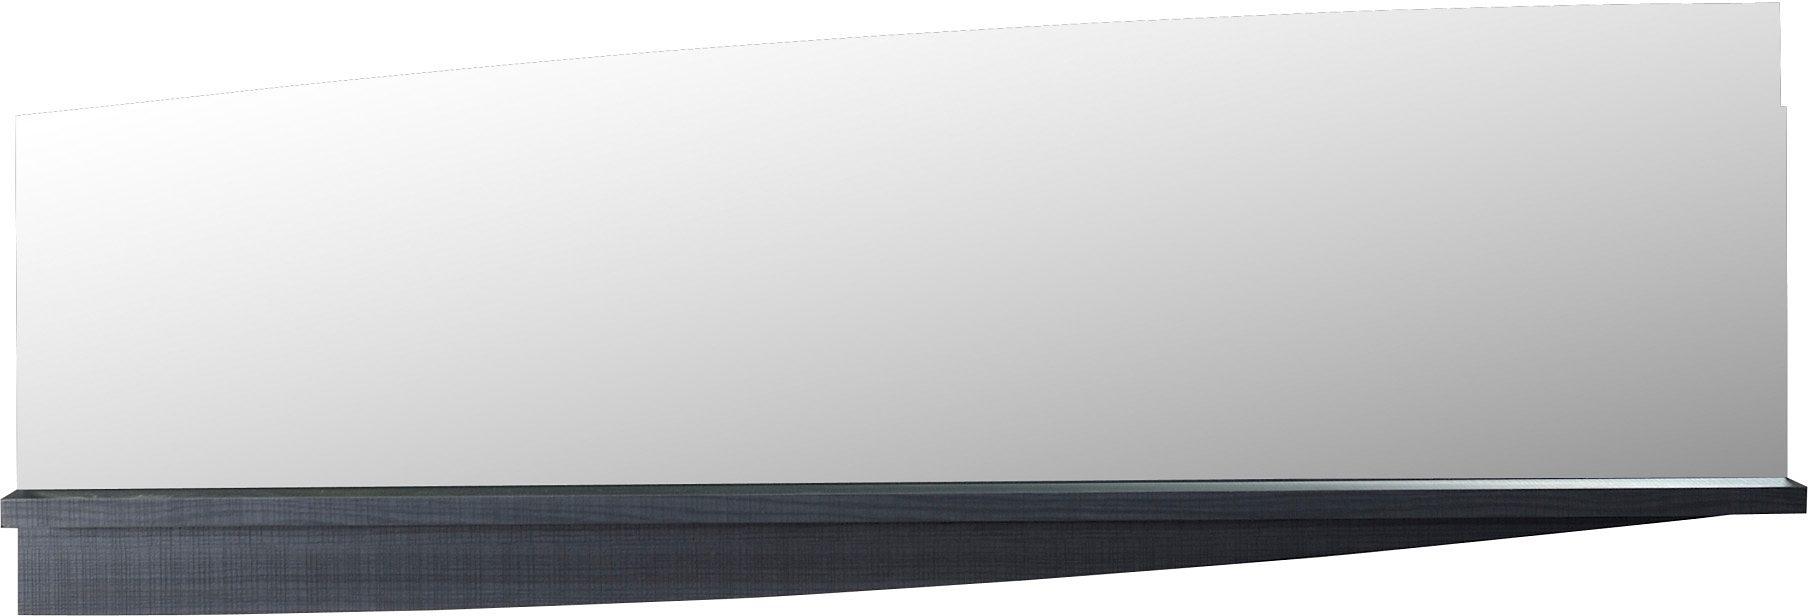 Wandspiegel, S.C.I.A.E., Breite 159 cm